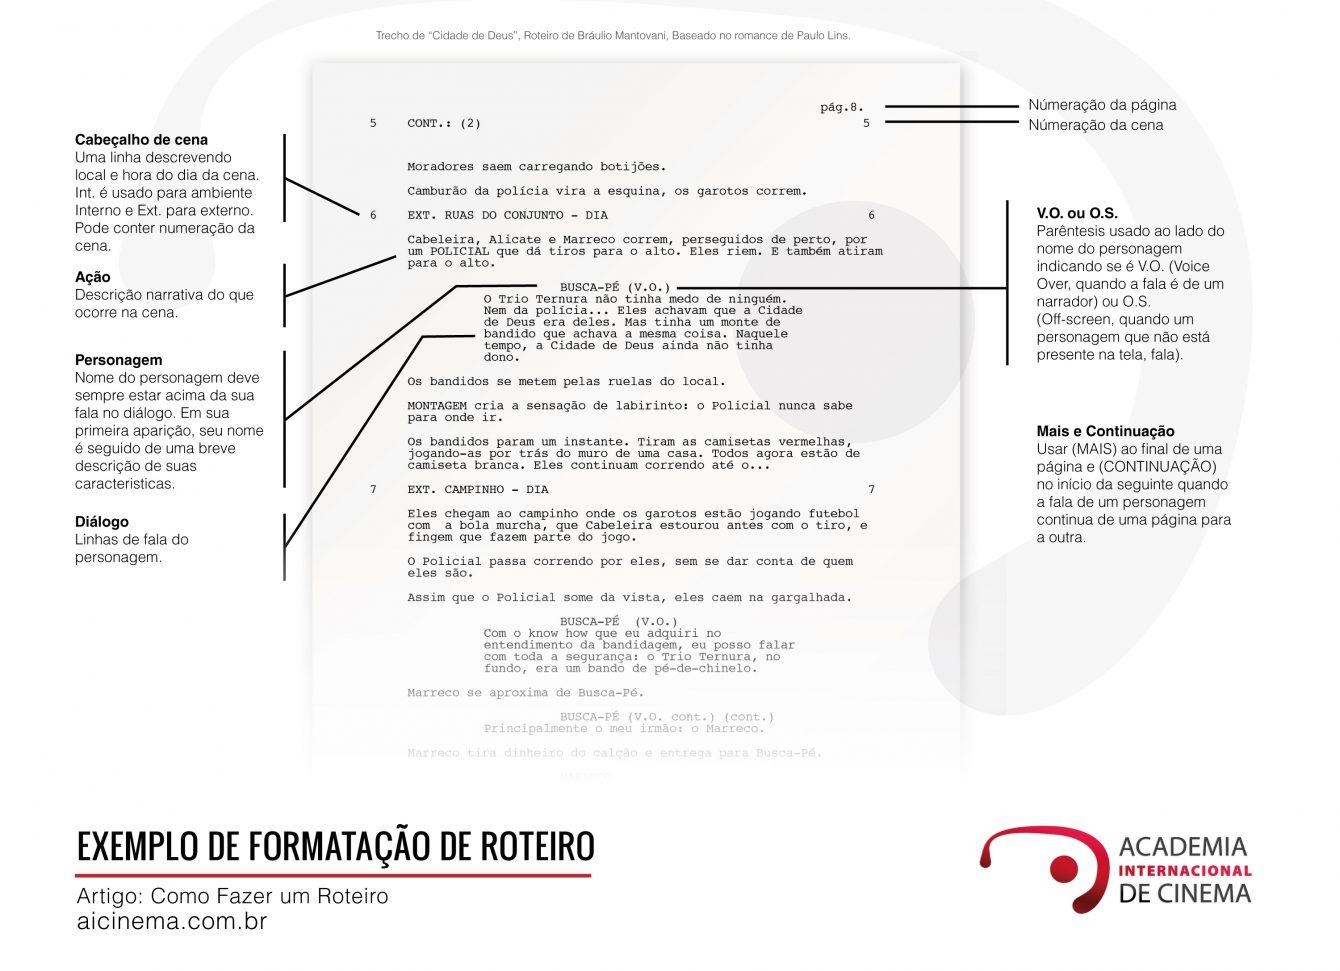 Modelos de Roteiro - Exemplo de Formatação de Roteiro